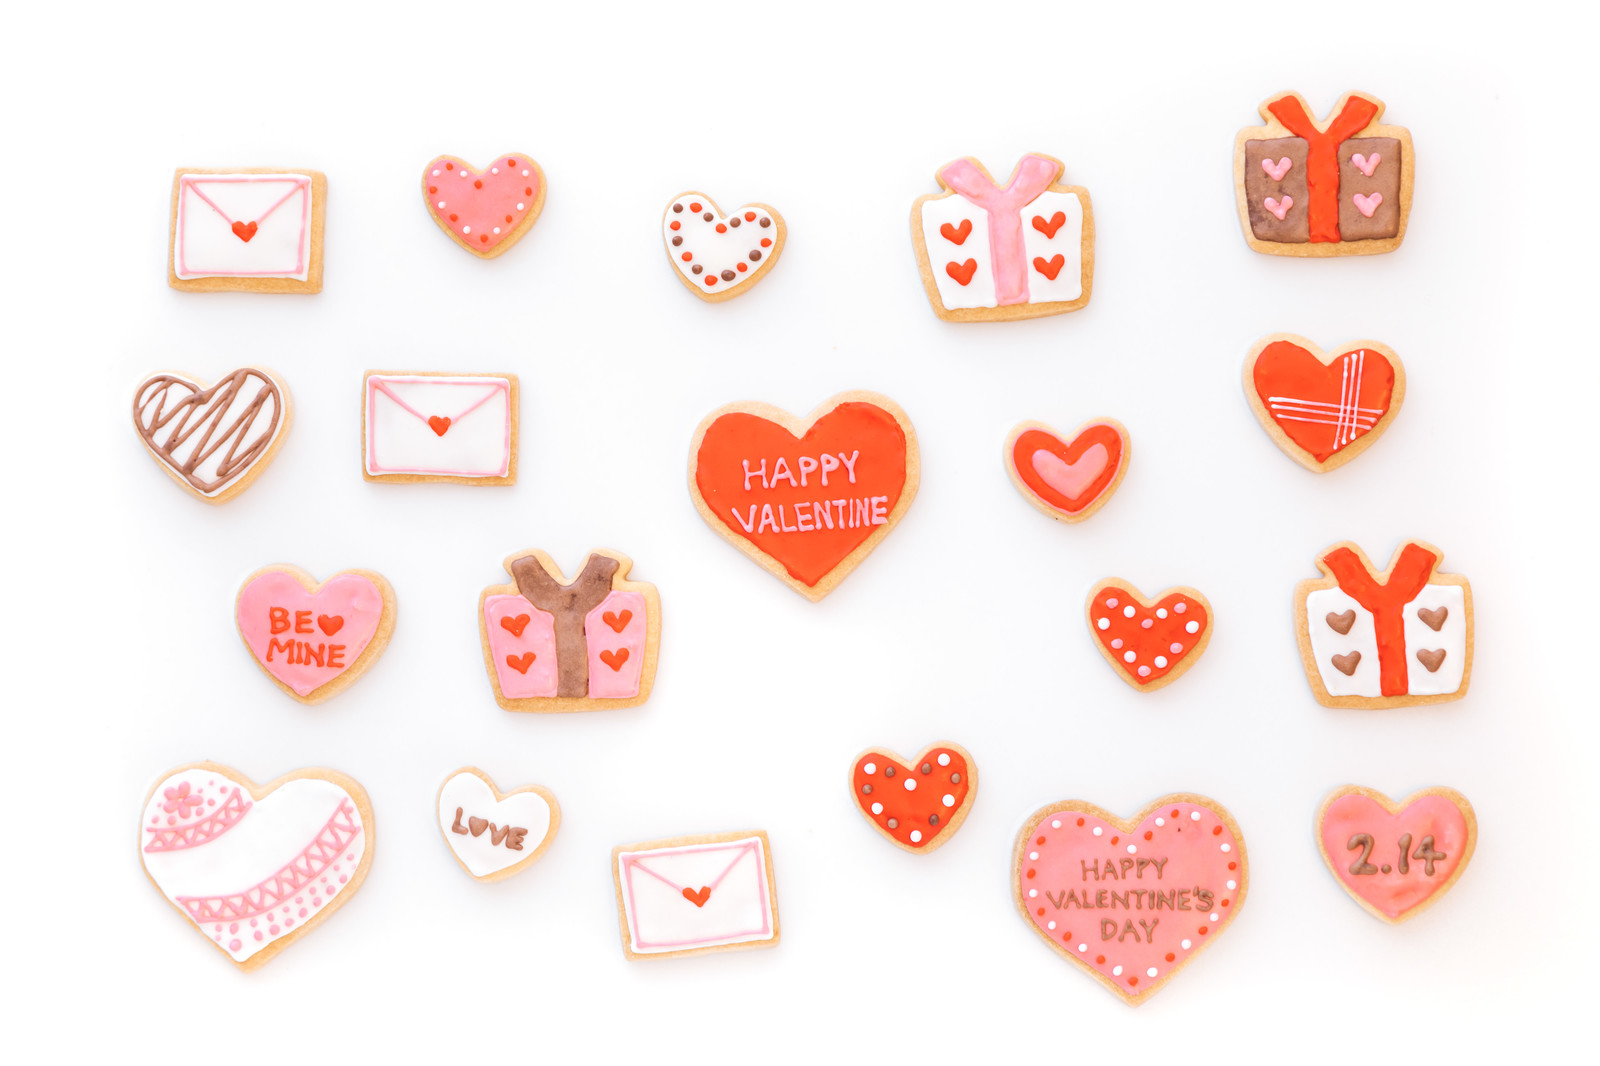 アイシングクッキー(バレンタイン)のフリー素材